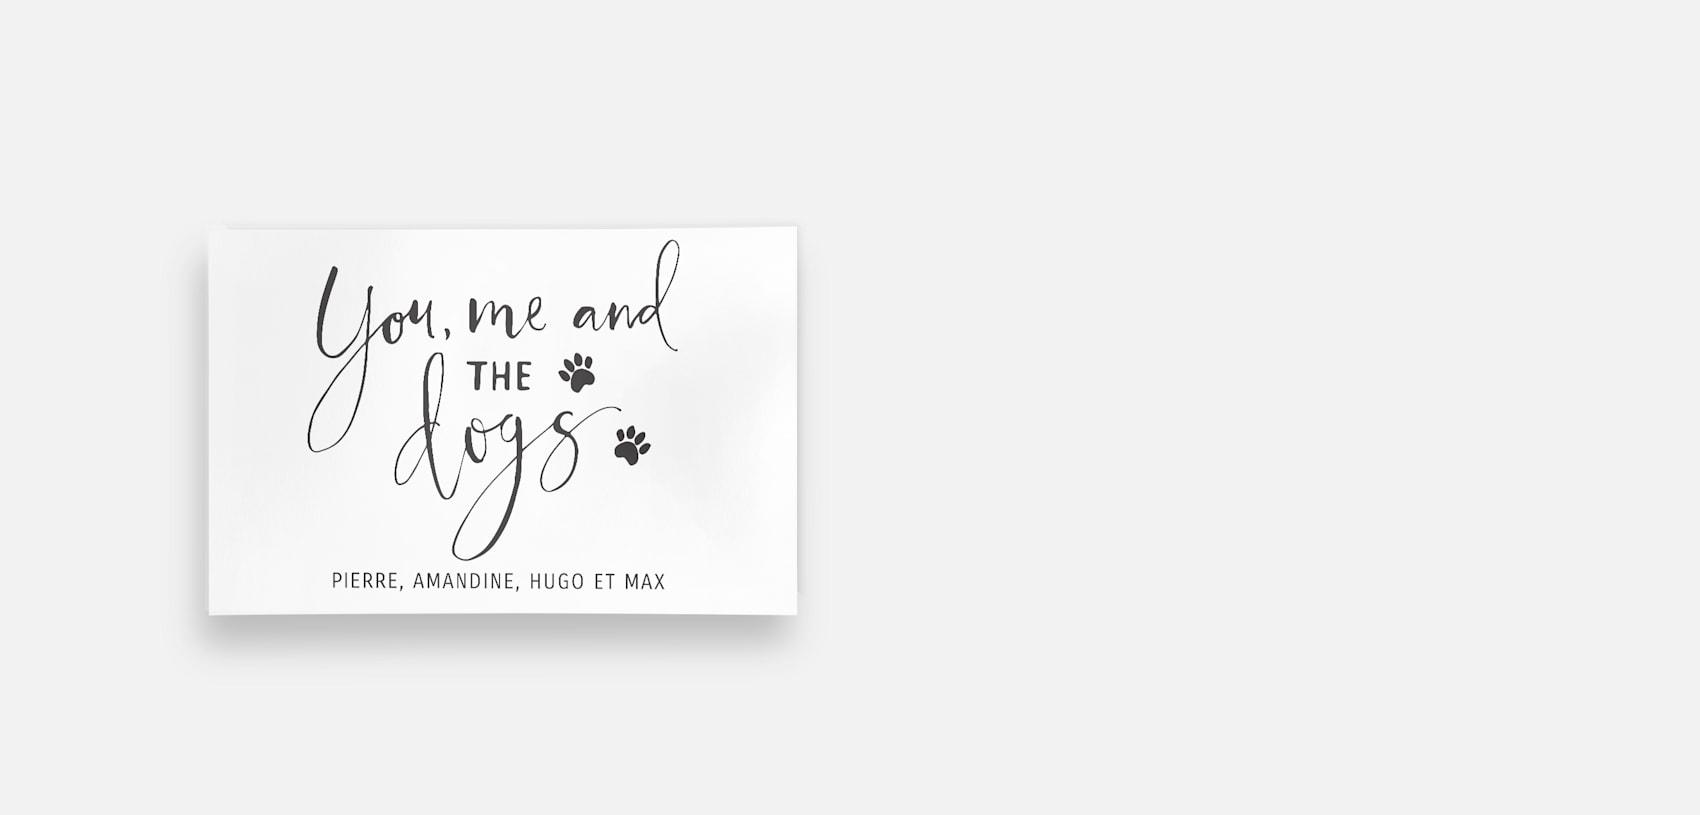 affiche murale avec «toi, moi et le chien» en caractères typographiques